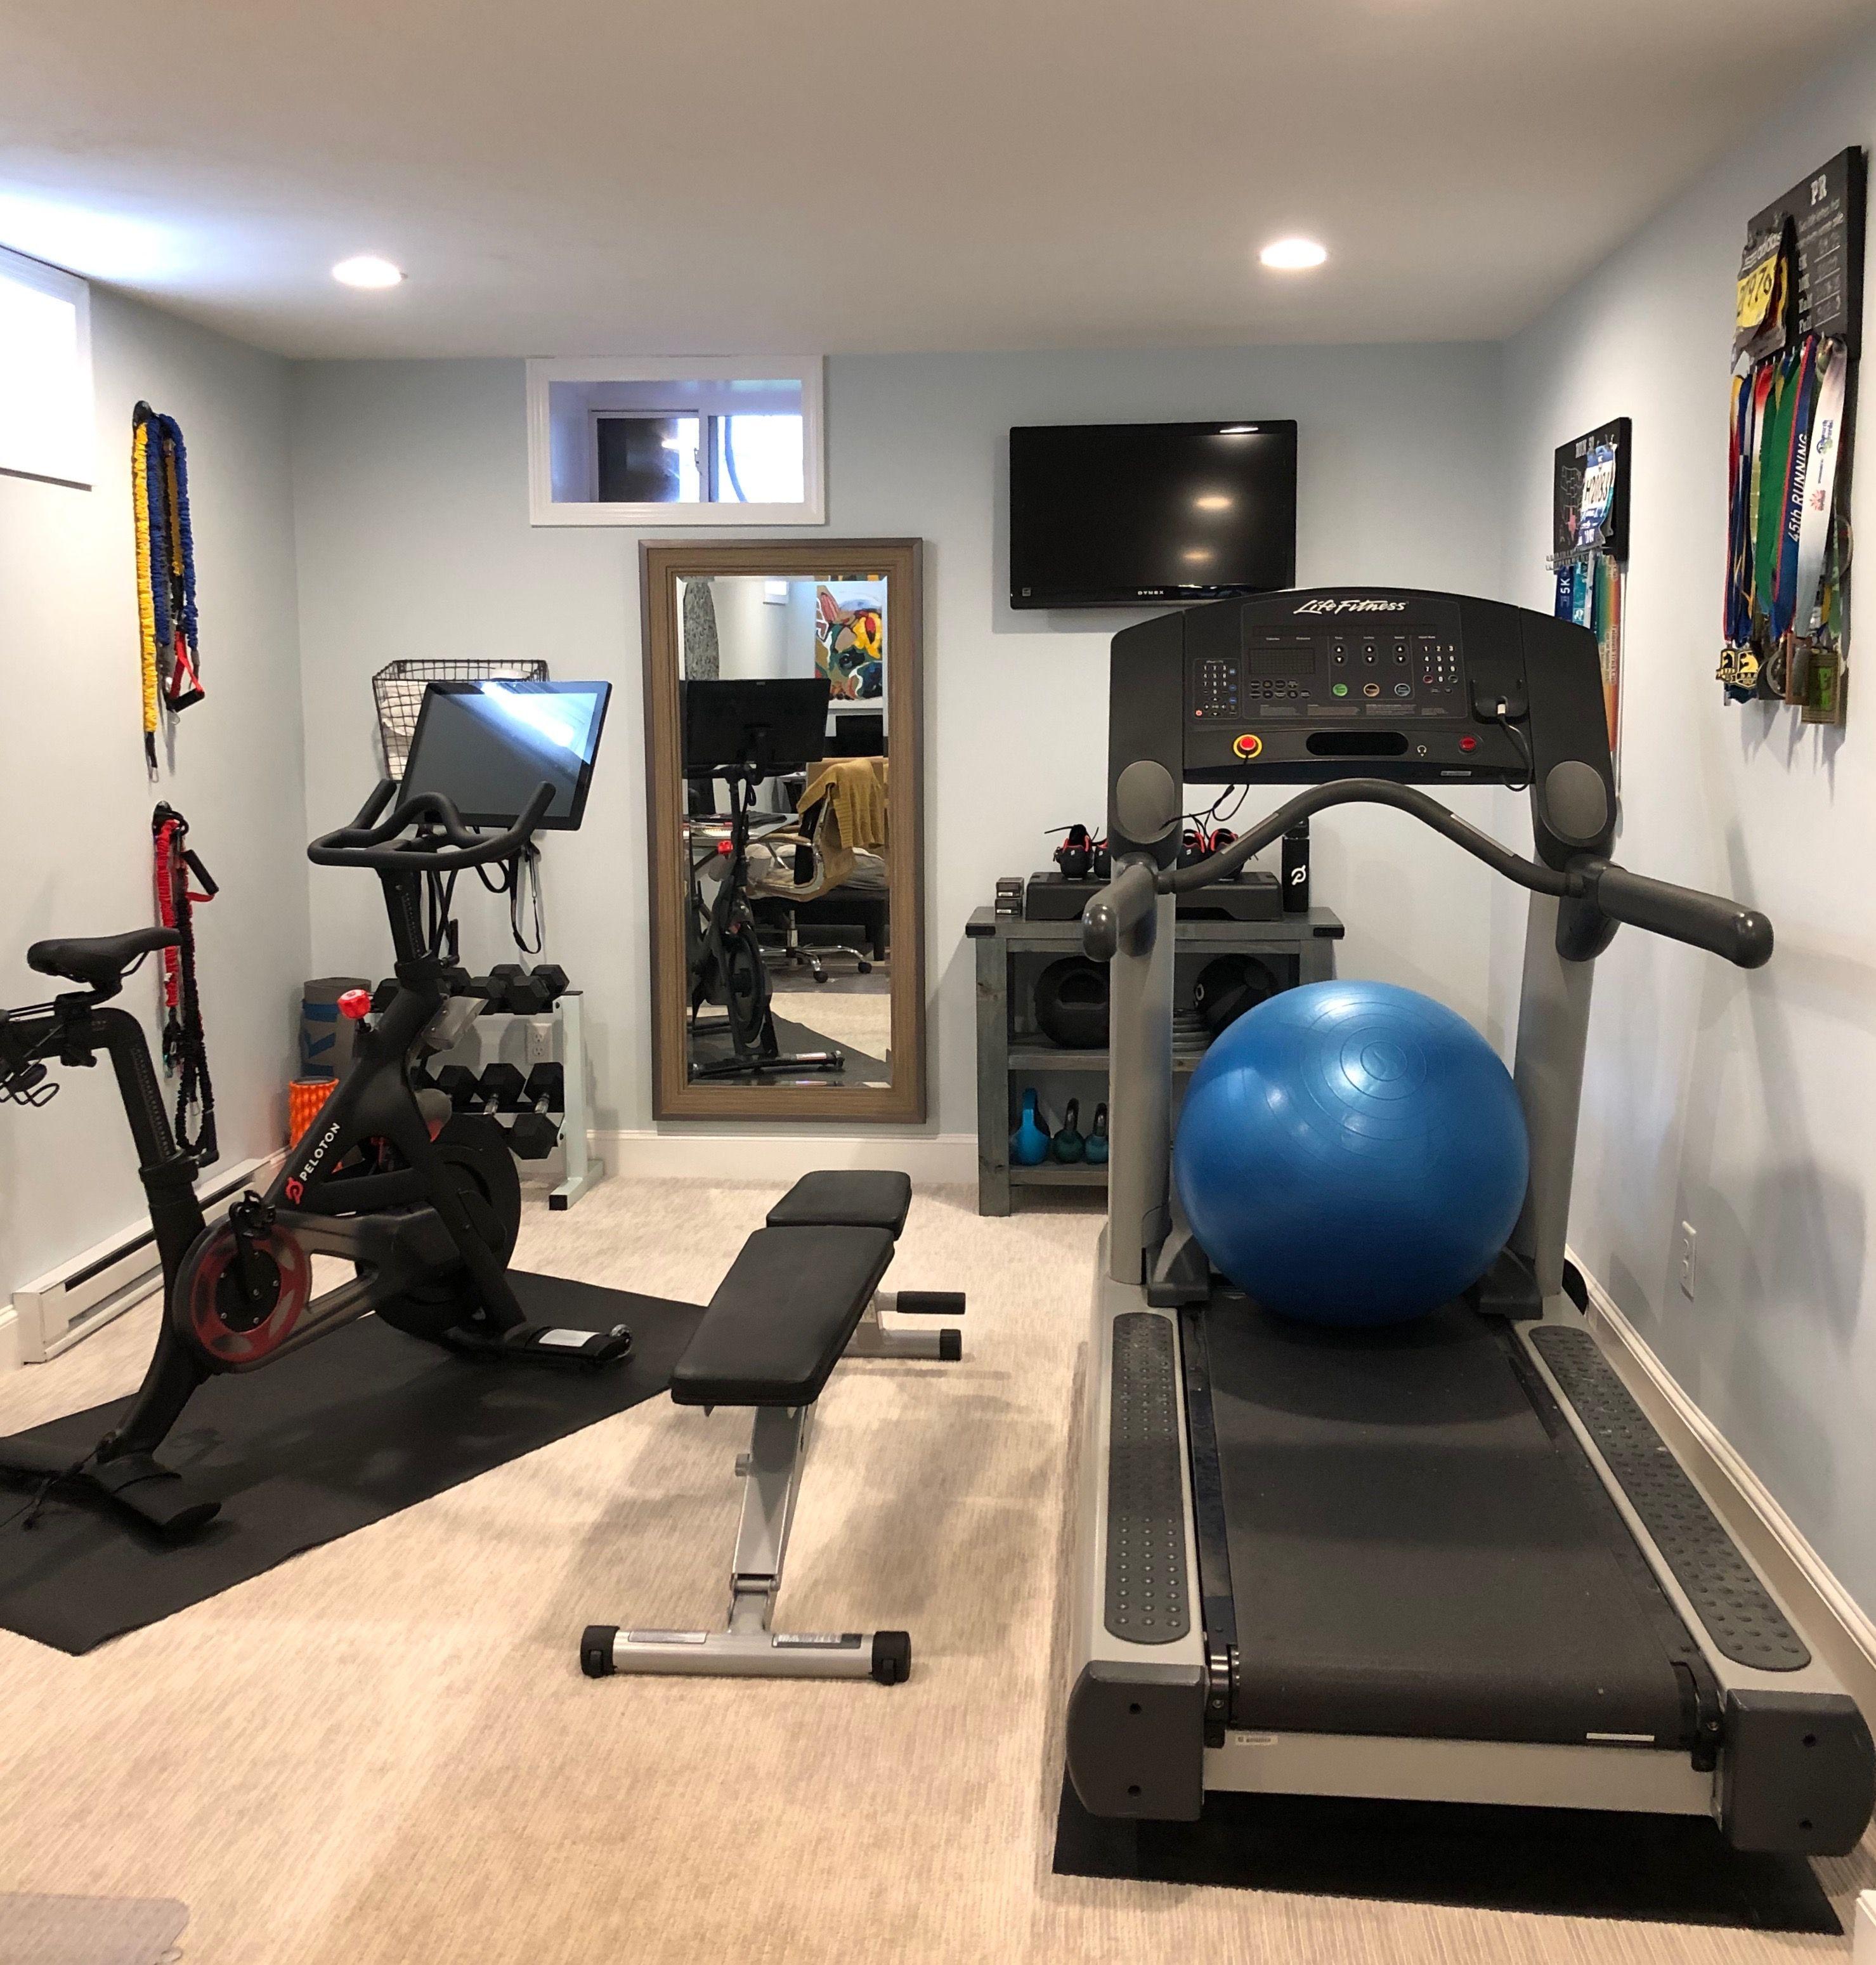 Home gym update homegym peloton diy home gym gym